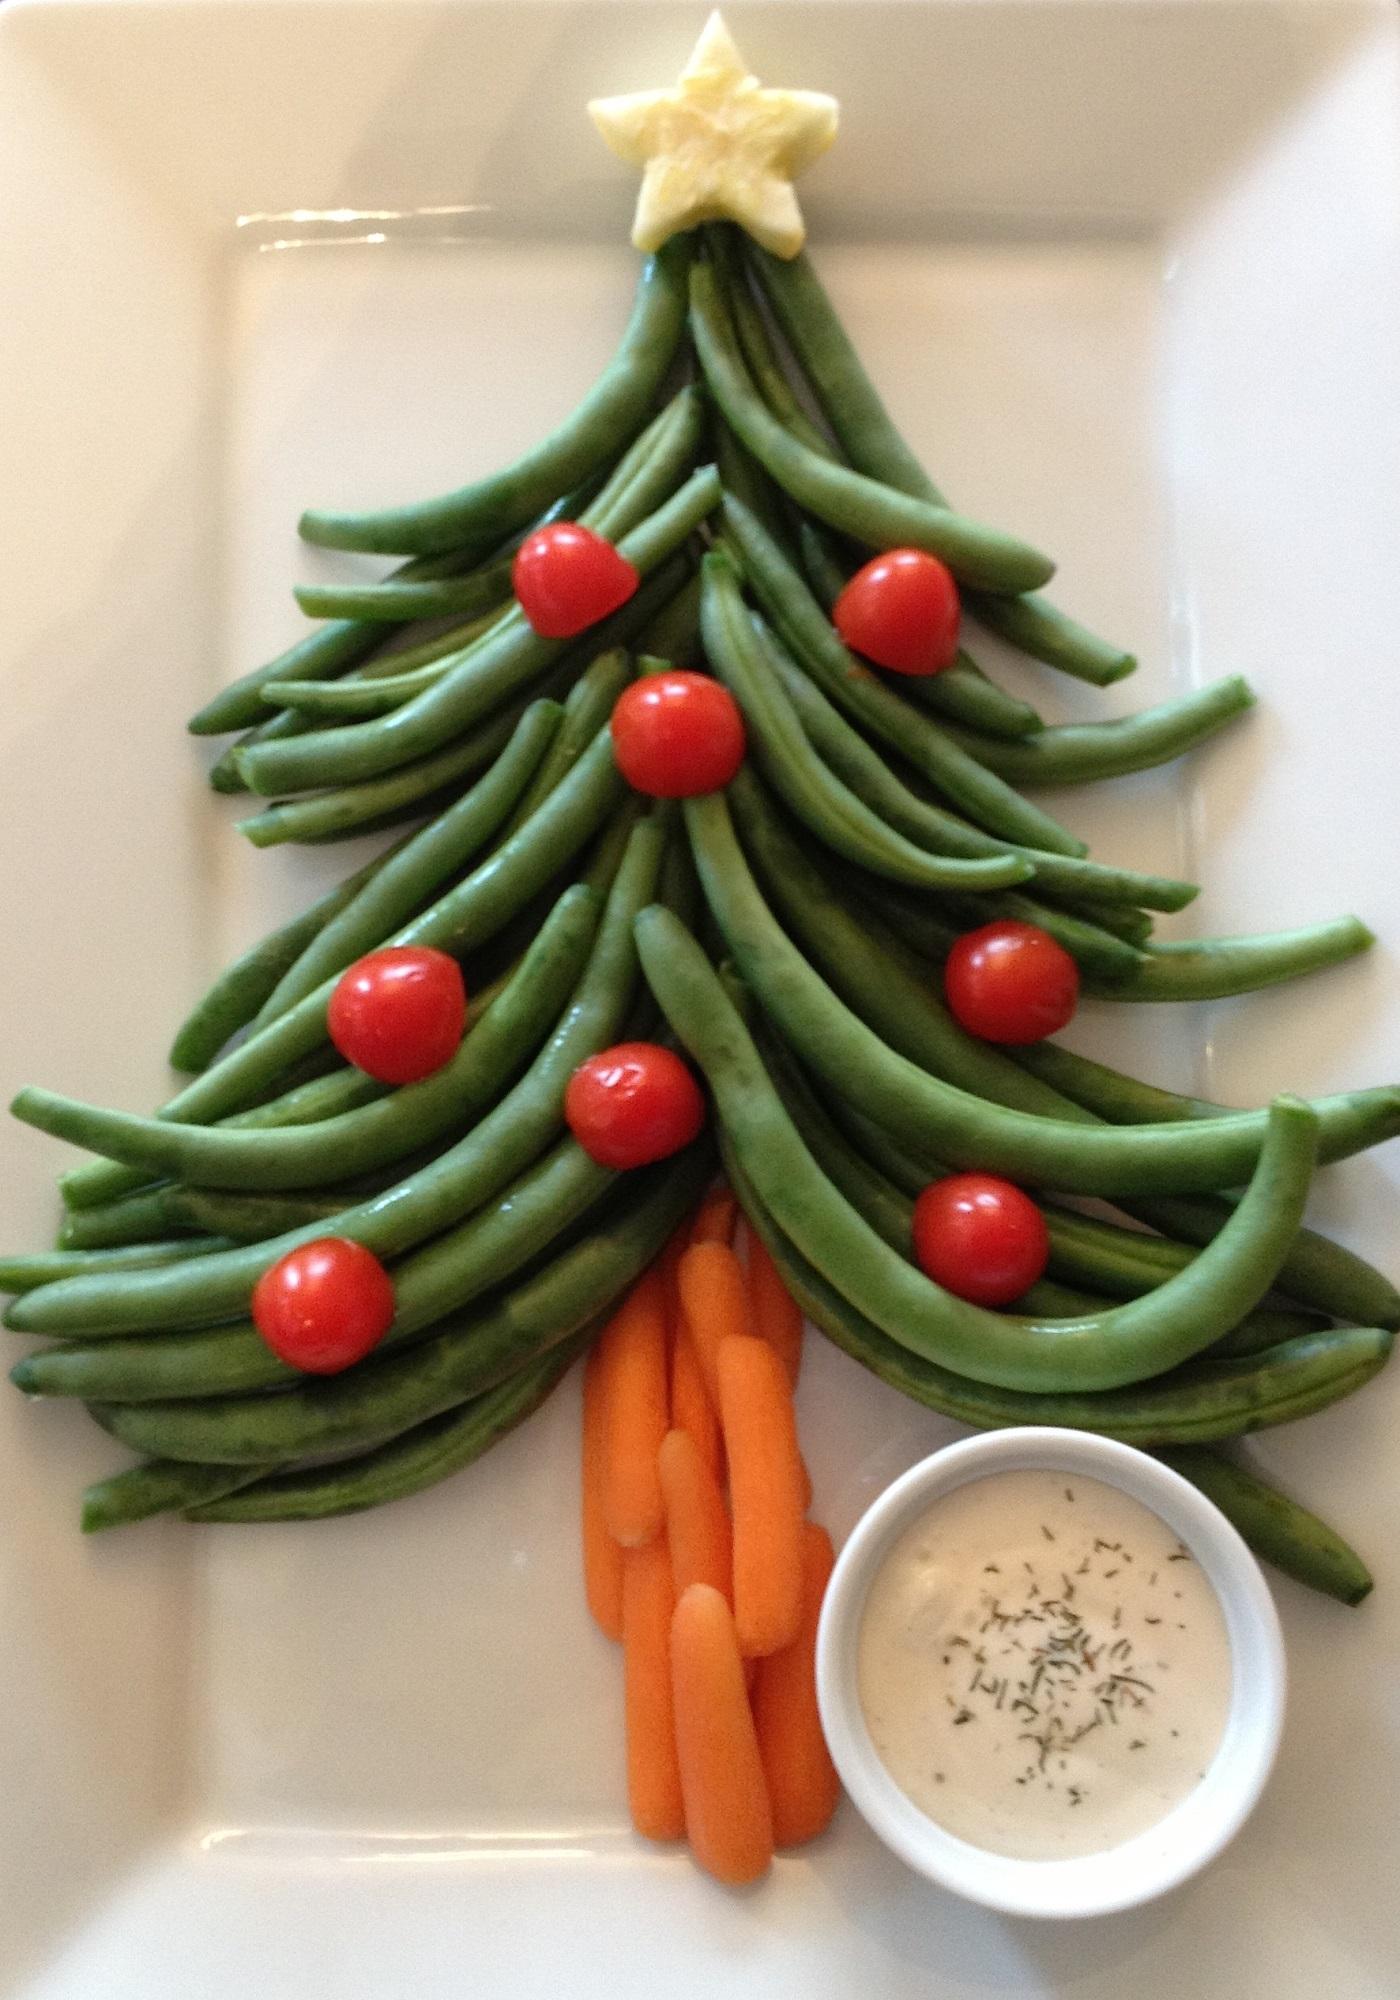 Đậu xanh luộc/hấp dễ ăn trong ngày Giáng sinh